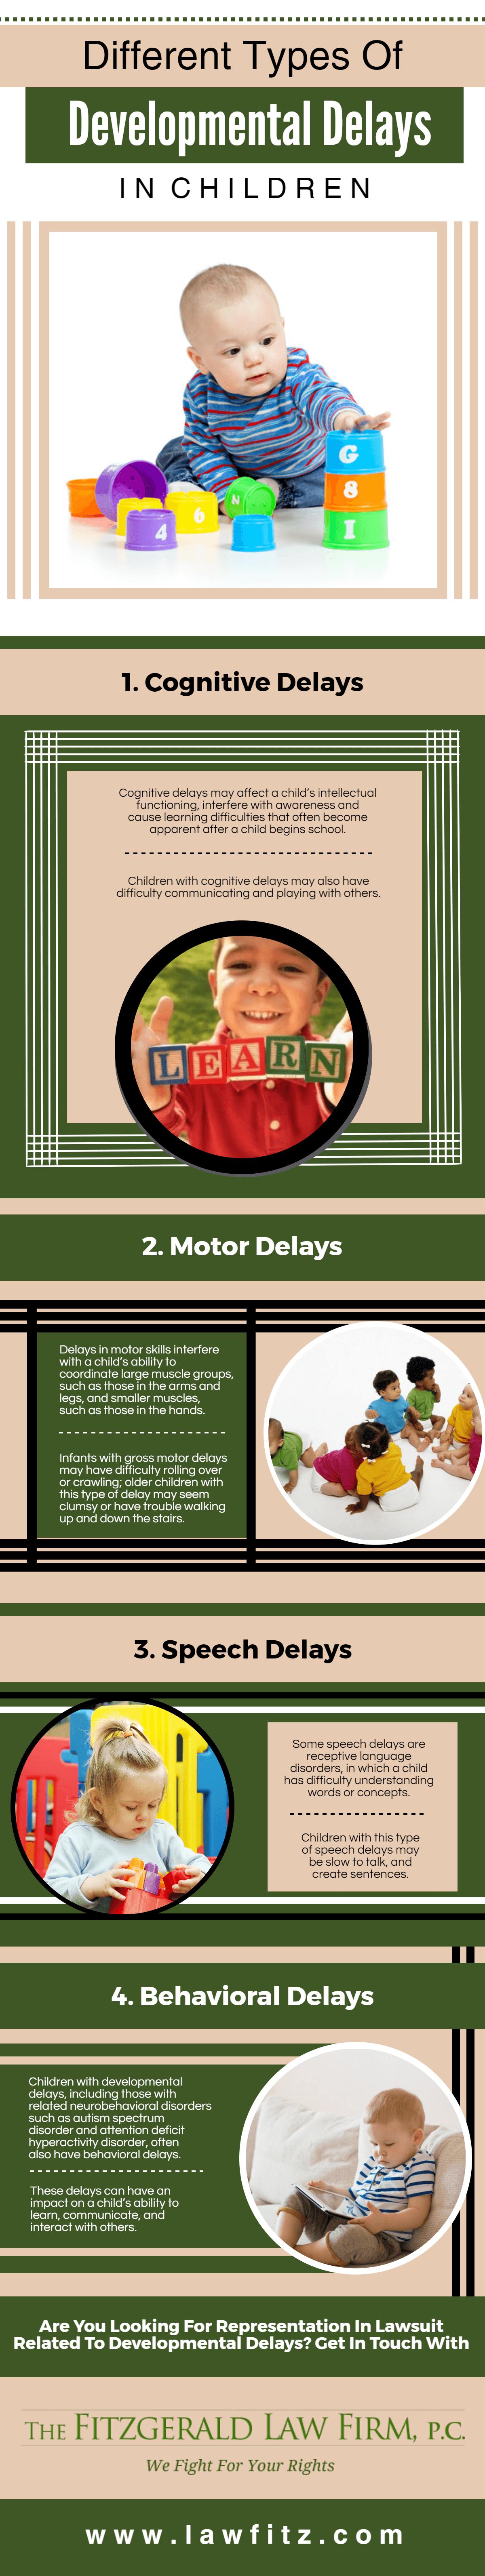 Different Types Of Developmental Delays in Children